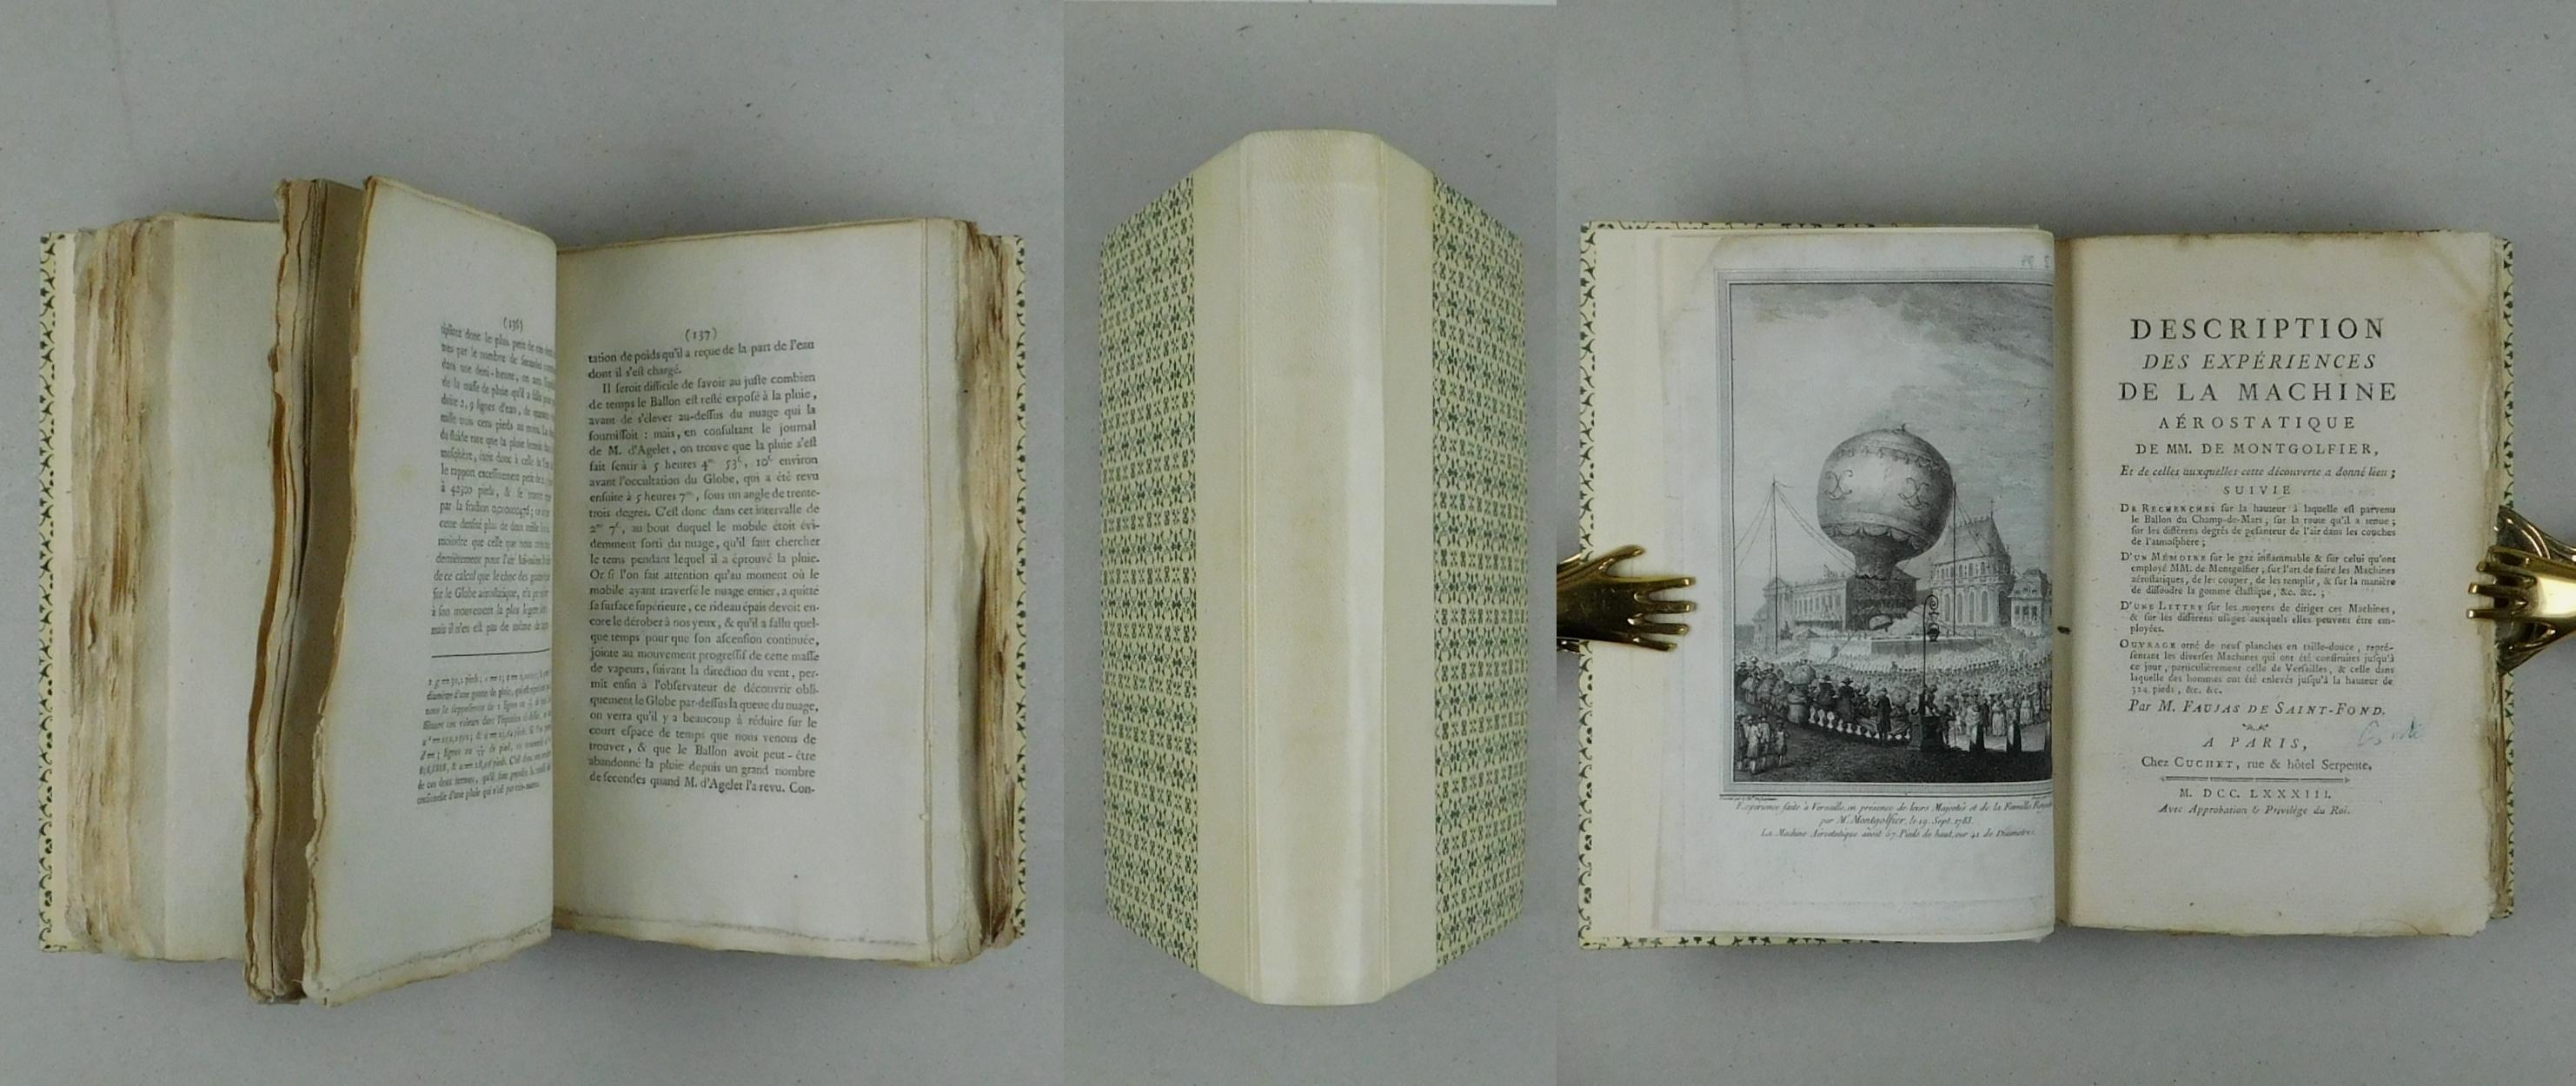 viaLibri ~ Rare Books from 1783 - Page 1